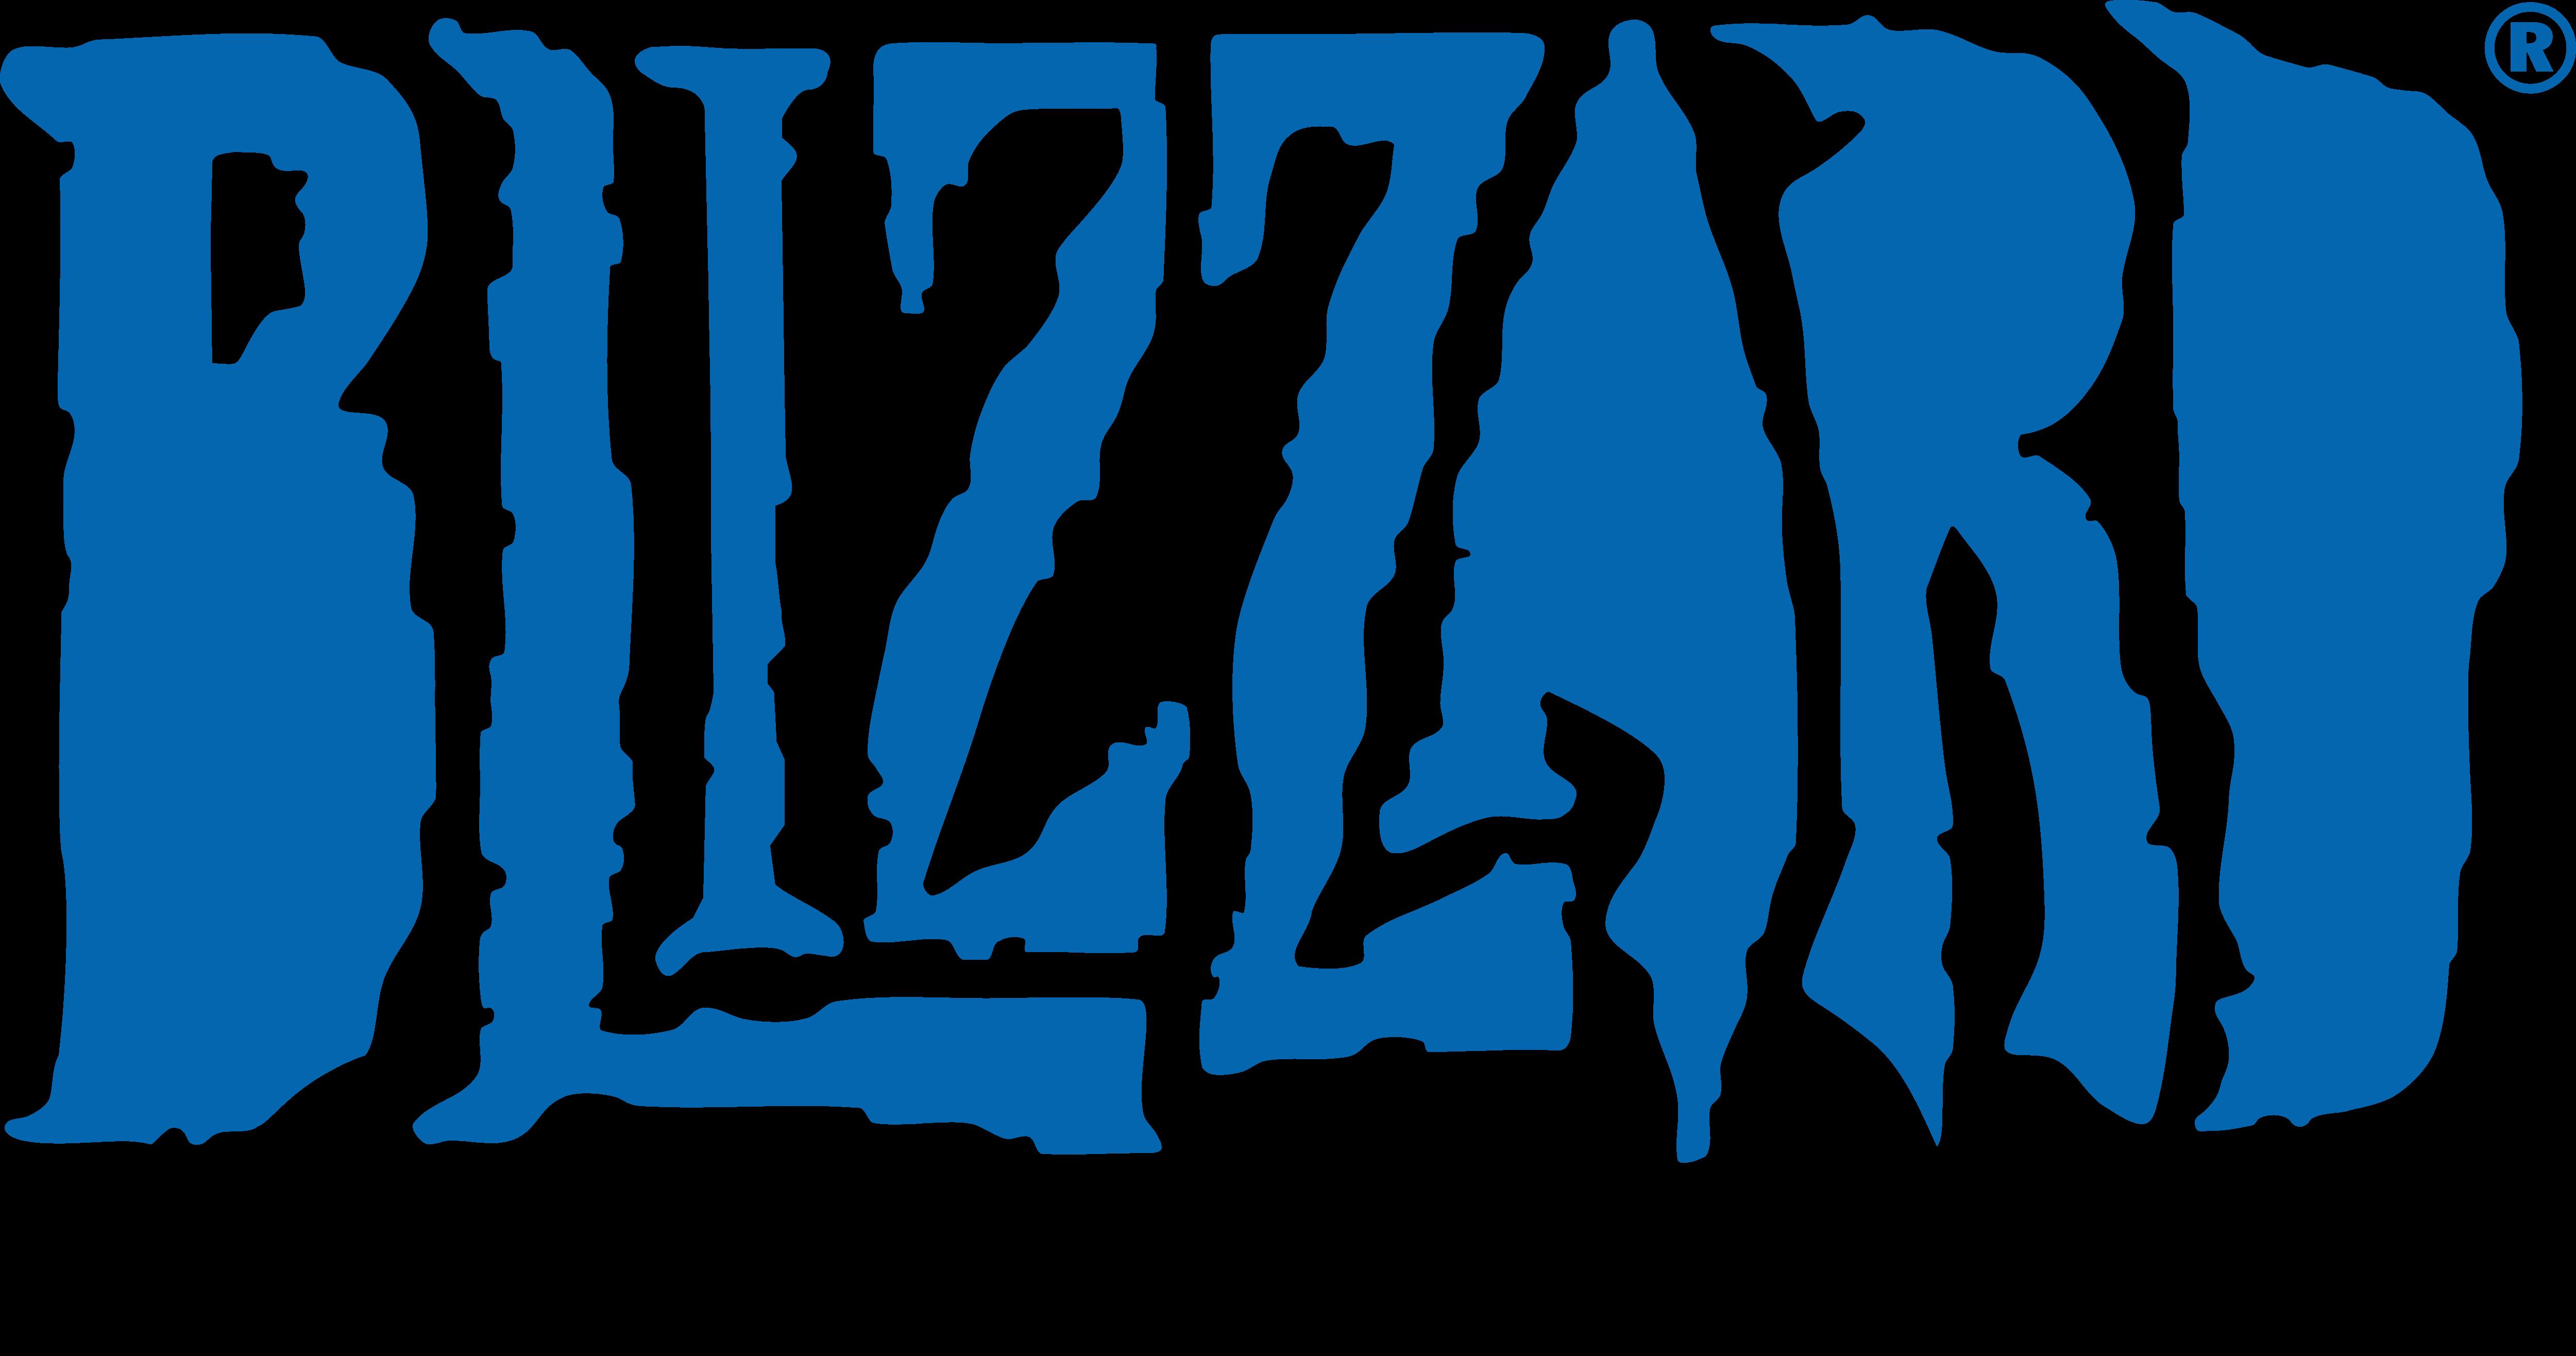 Blizzard Entertainment Logo PNG Image.